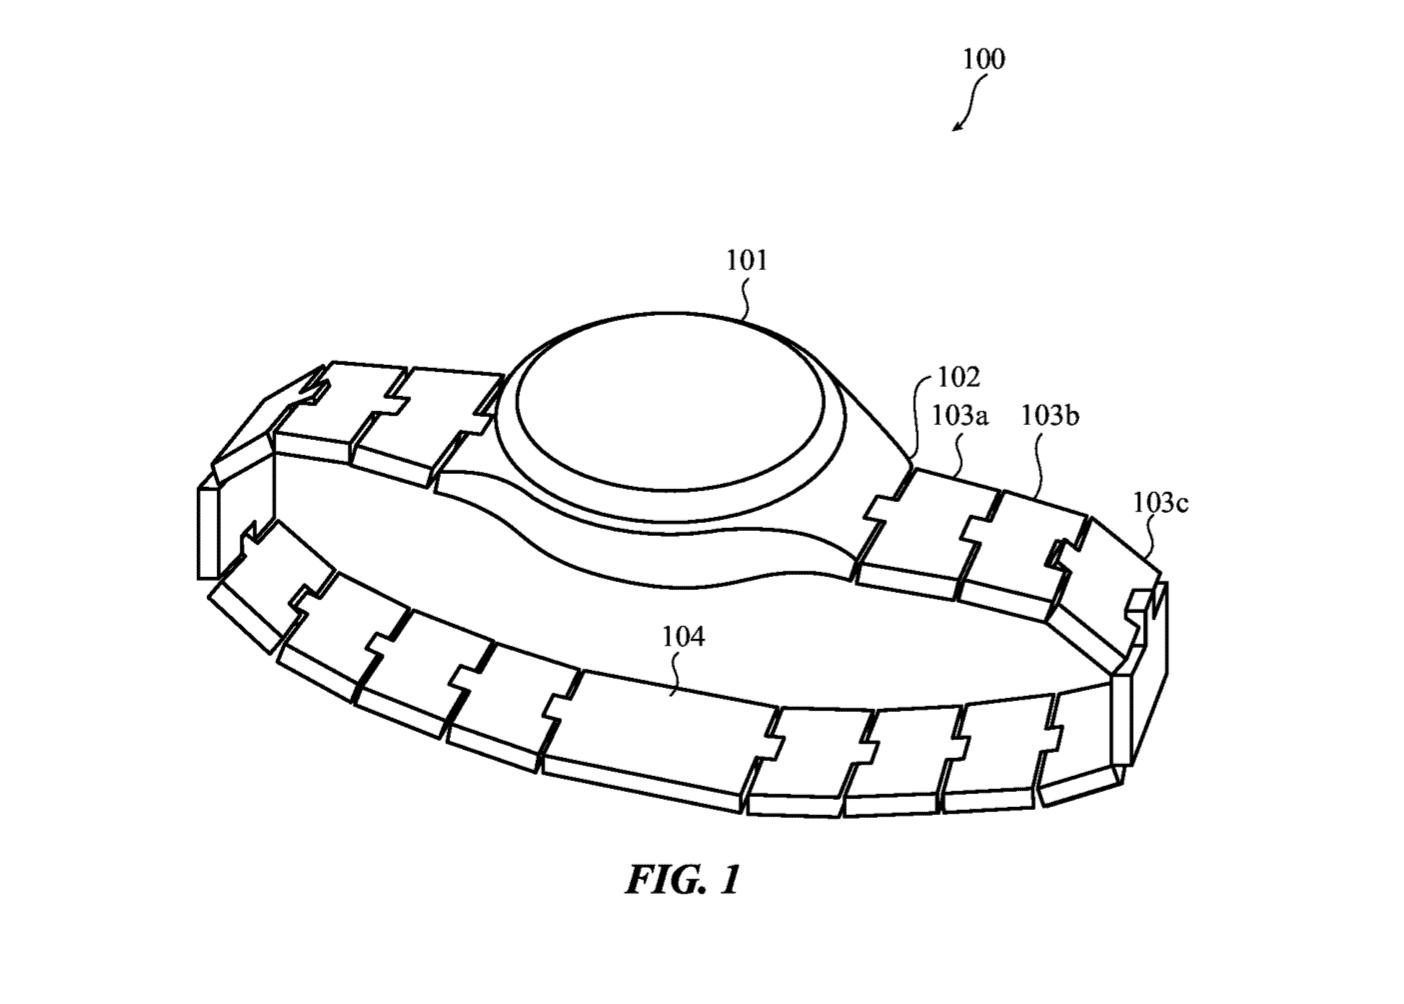 Die Glieder des Armbandes sollen dem Patent zufolge Platz für Sensoren und Komponenten bieten.